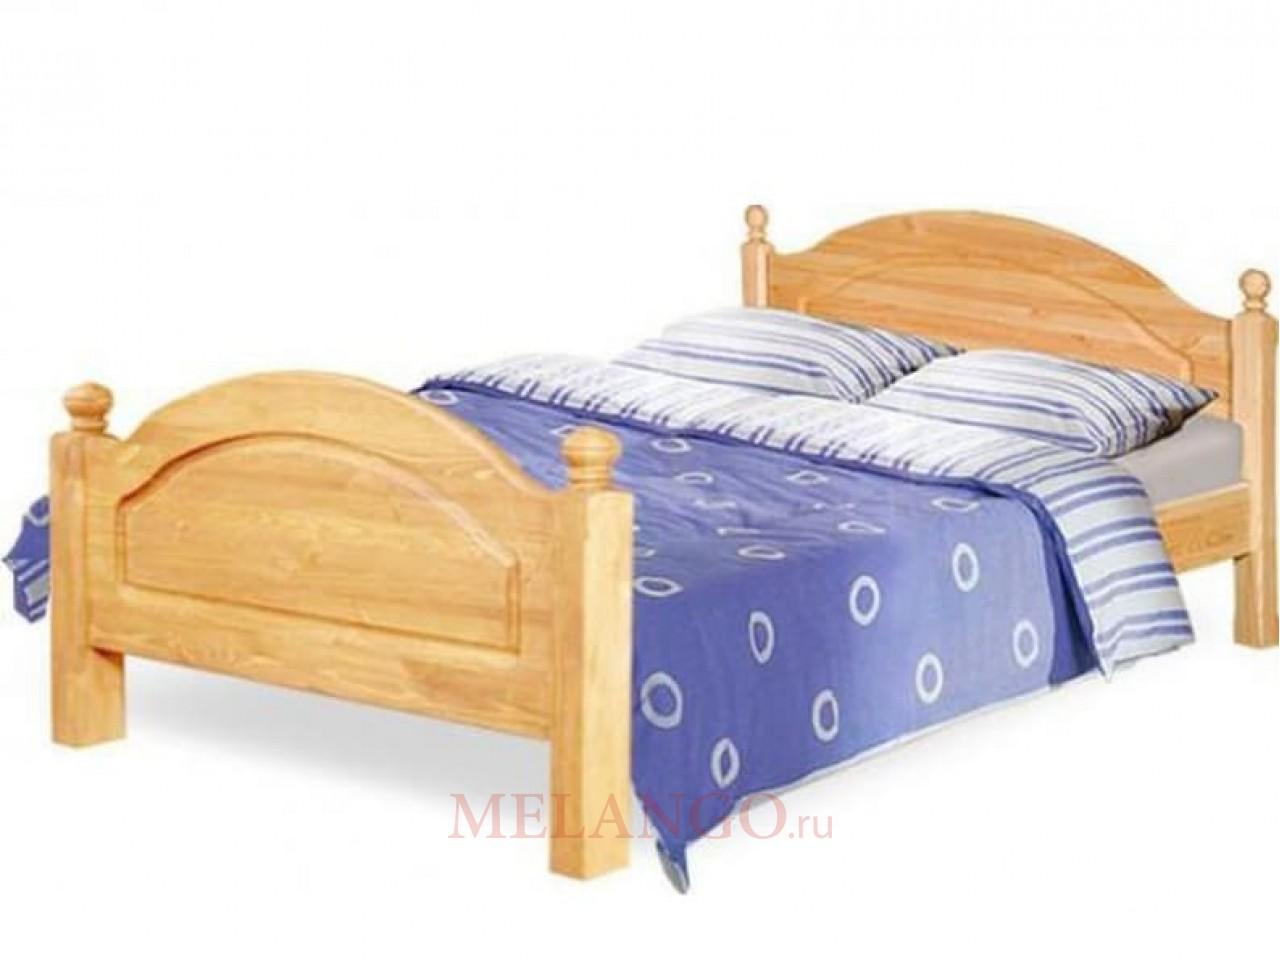 Односпальная кровать Лотос Б-1089-05 (натуральная сосна)